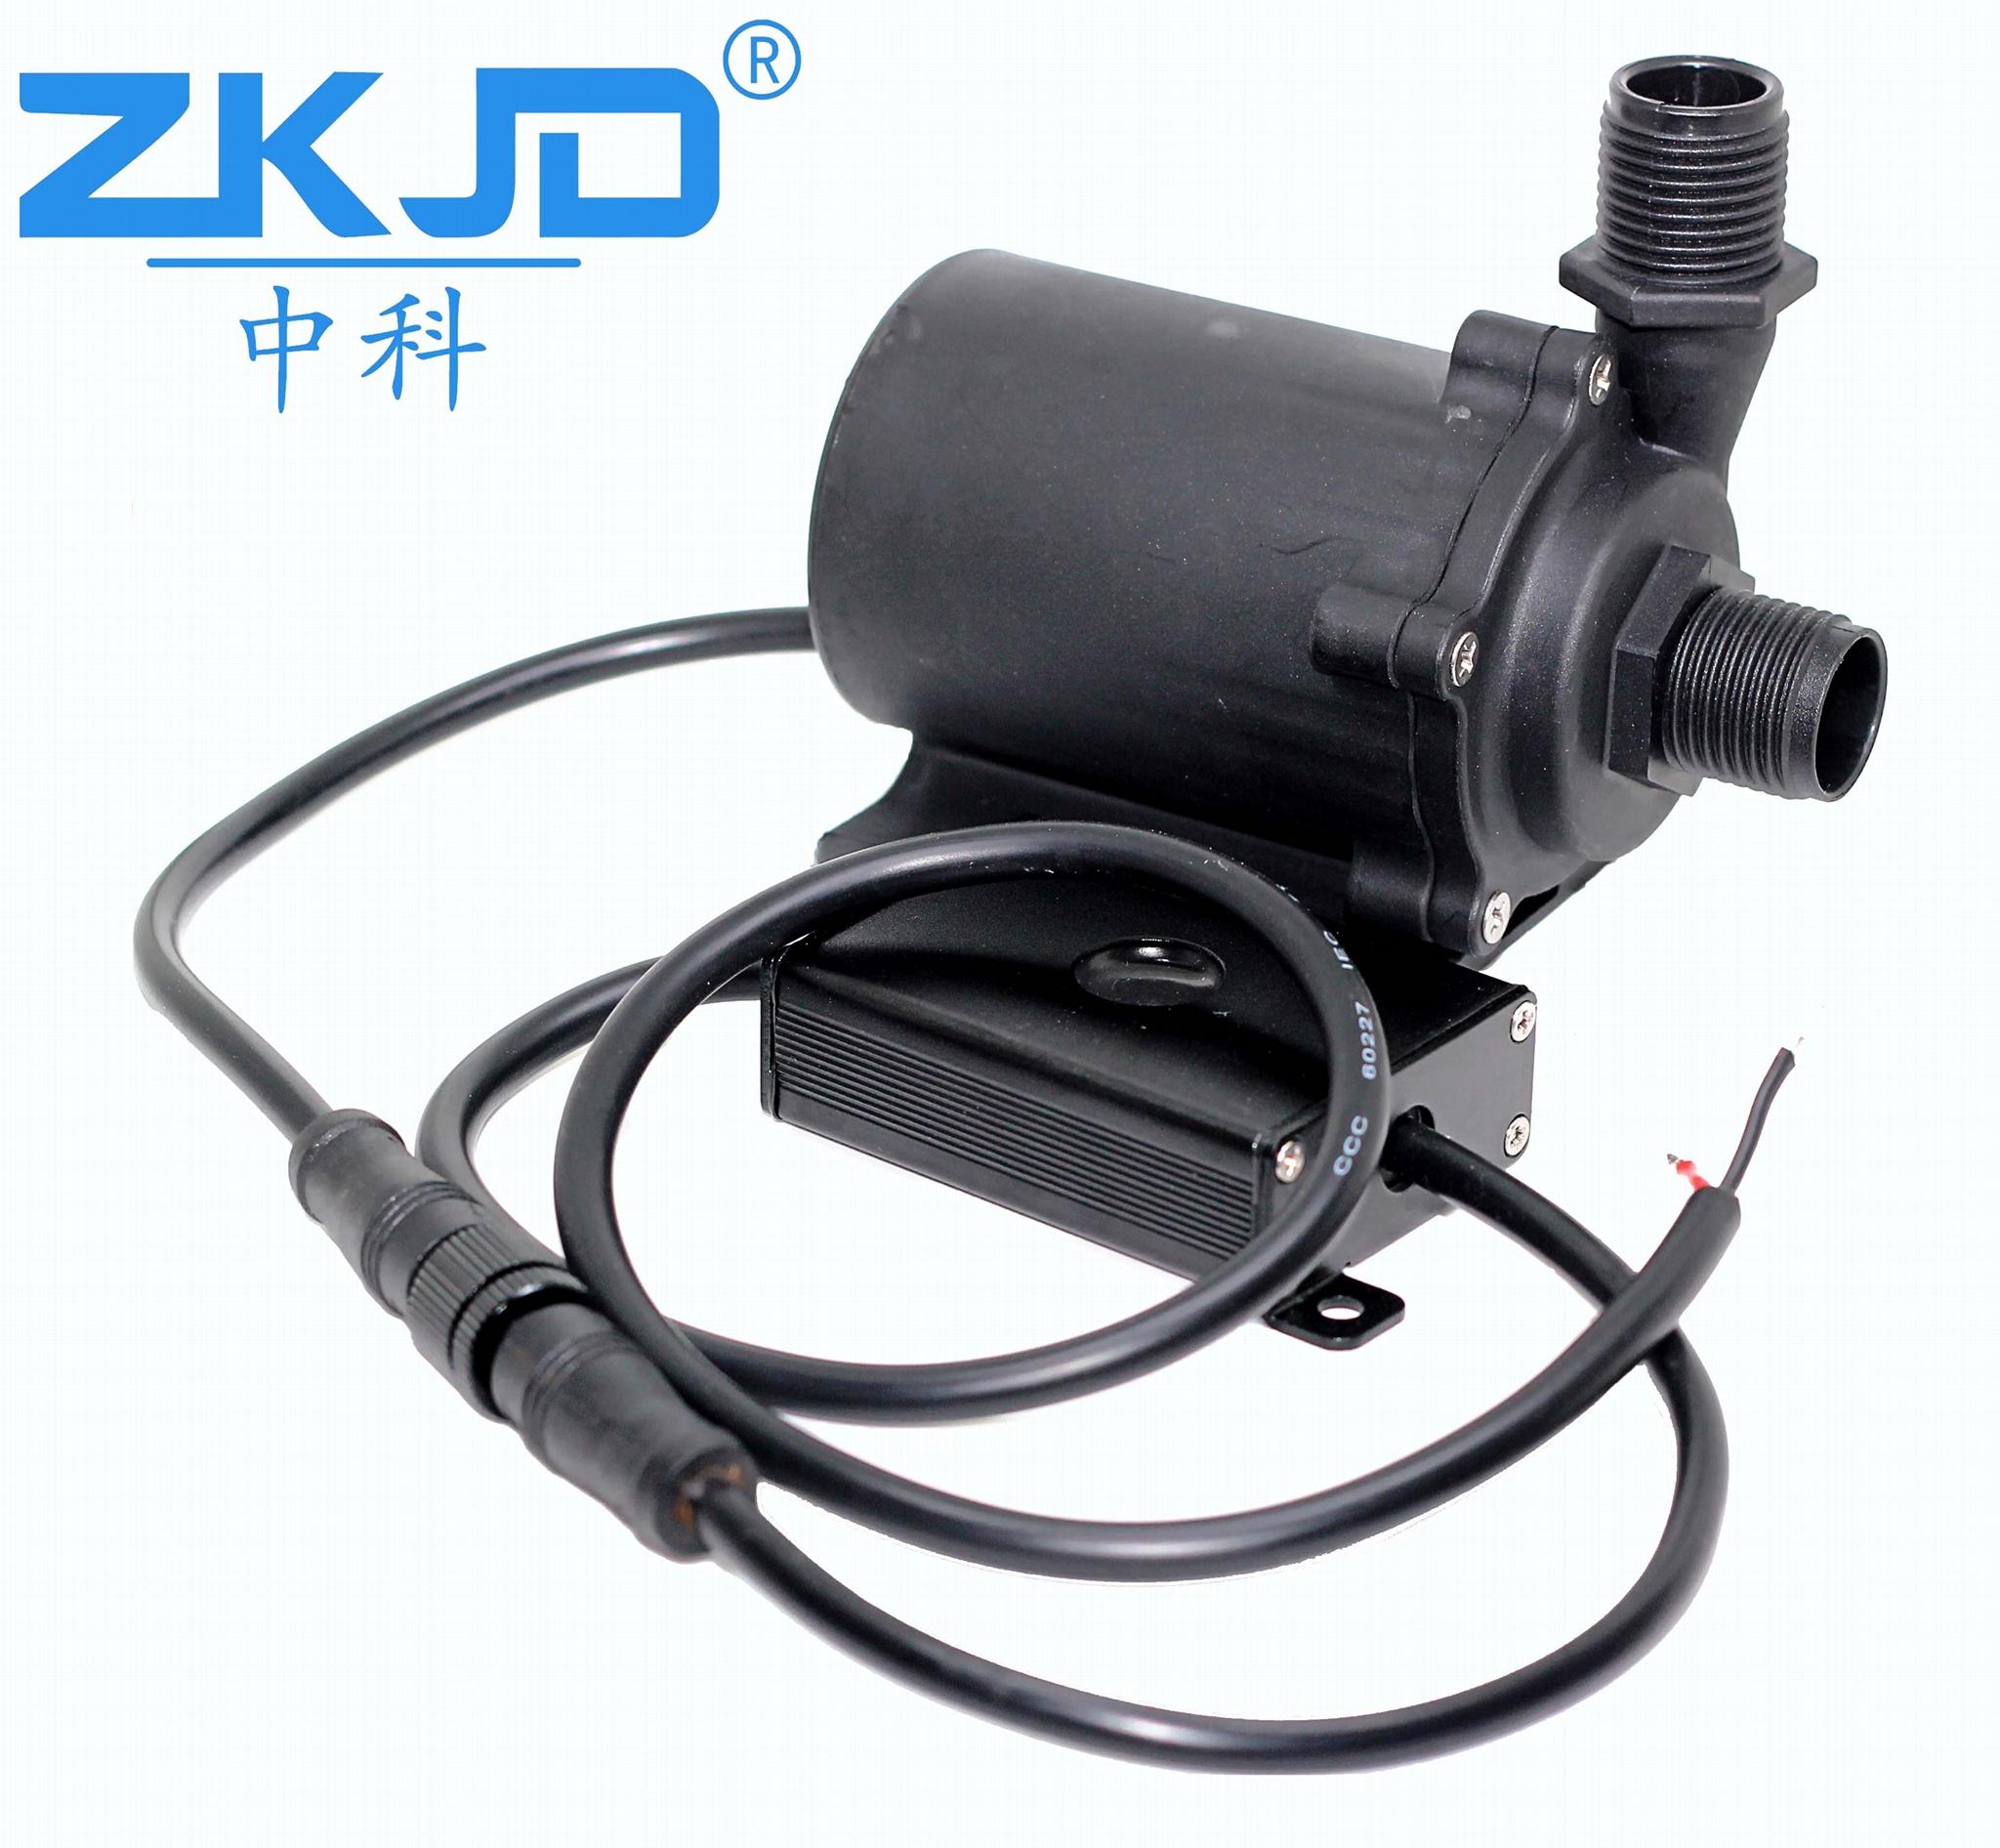 DC 12V 循环泵太阳能水泵系统/太阳能泵系统 4